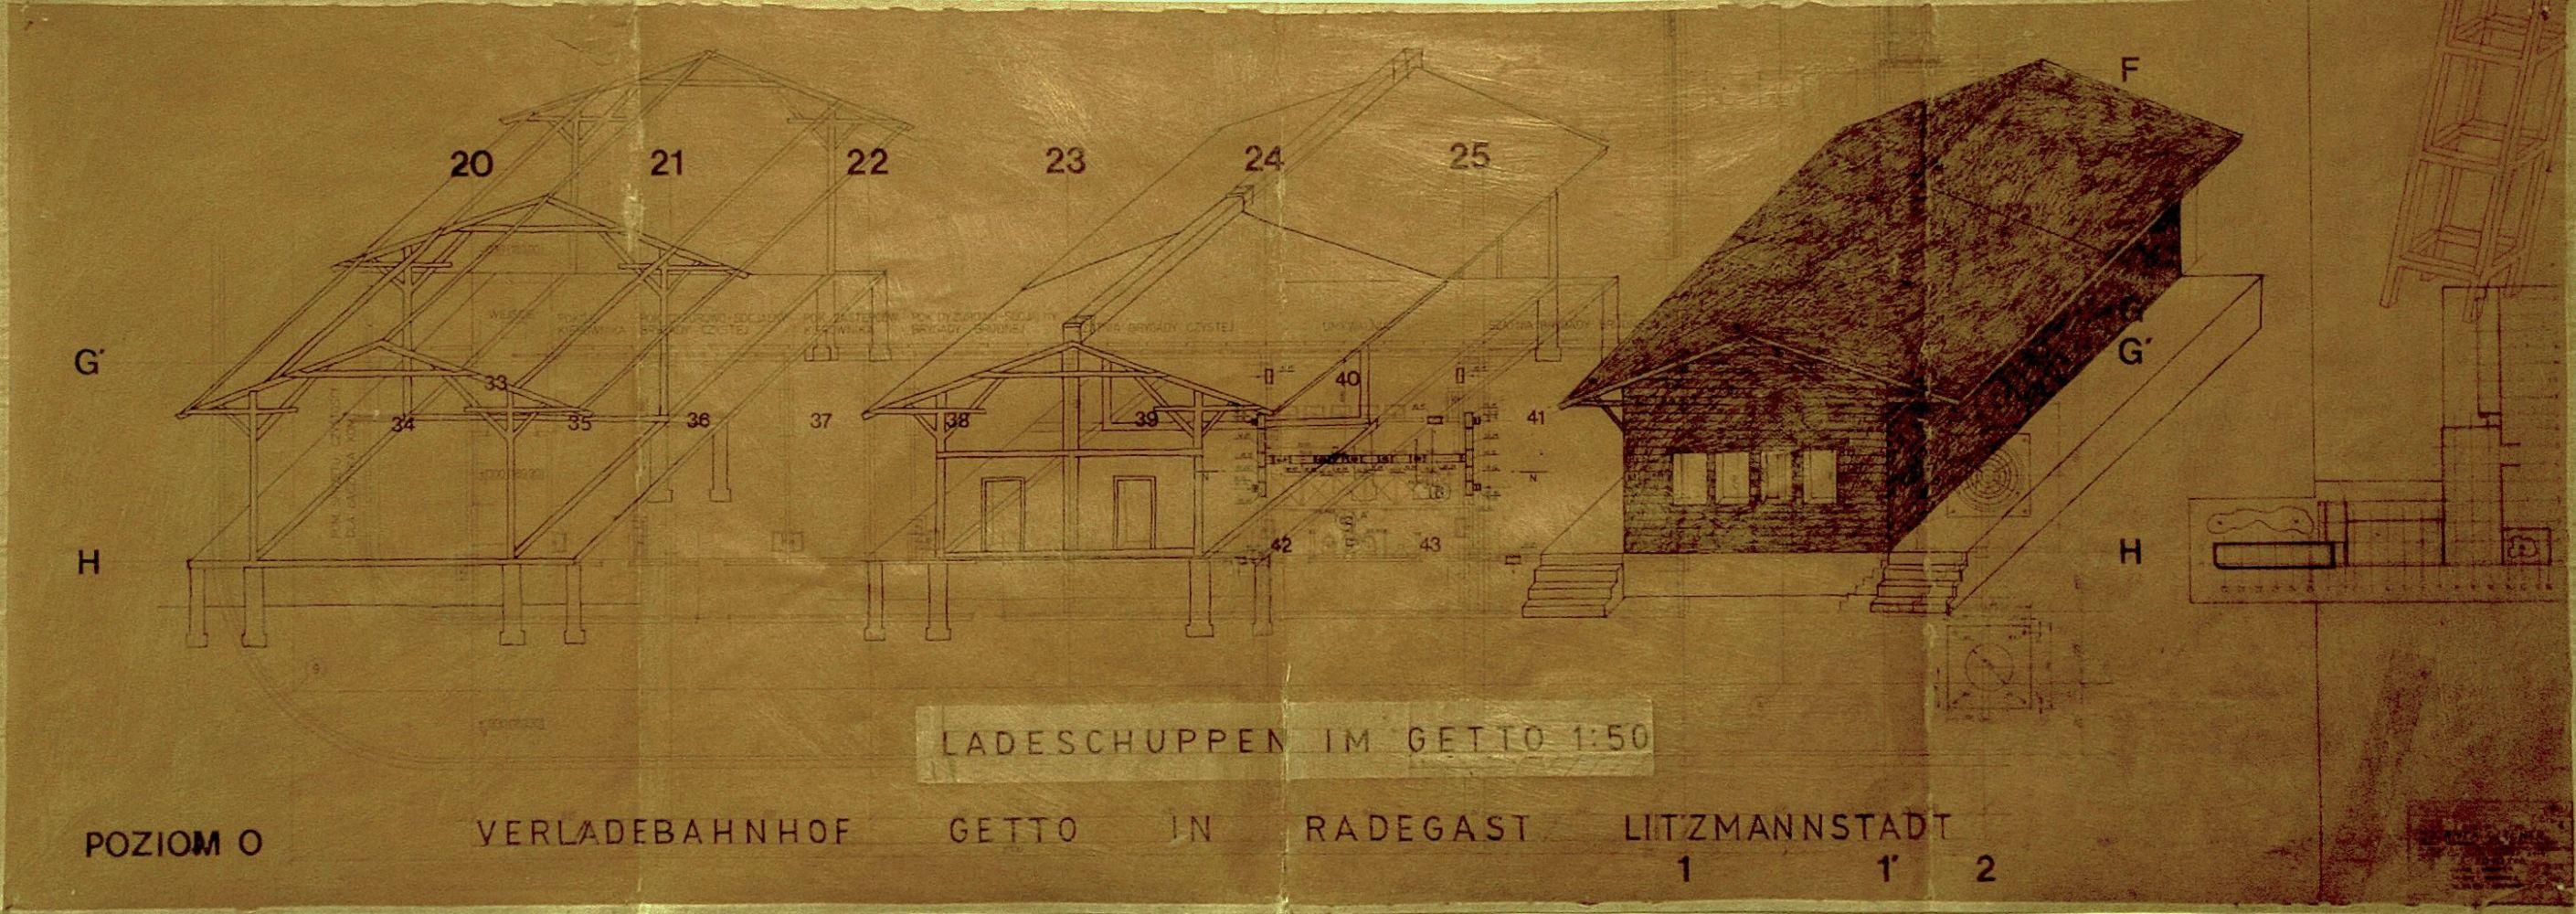 """Z cyklu """"Spis powszechny""""- Inwentaryzacja budynków, Verldebahnhof Radegast im Getto Litzmannstadt 1 (2010)"""